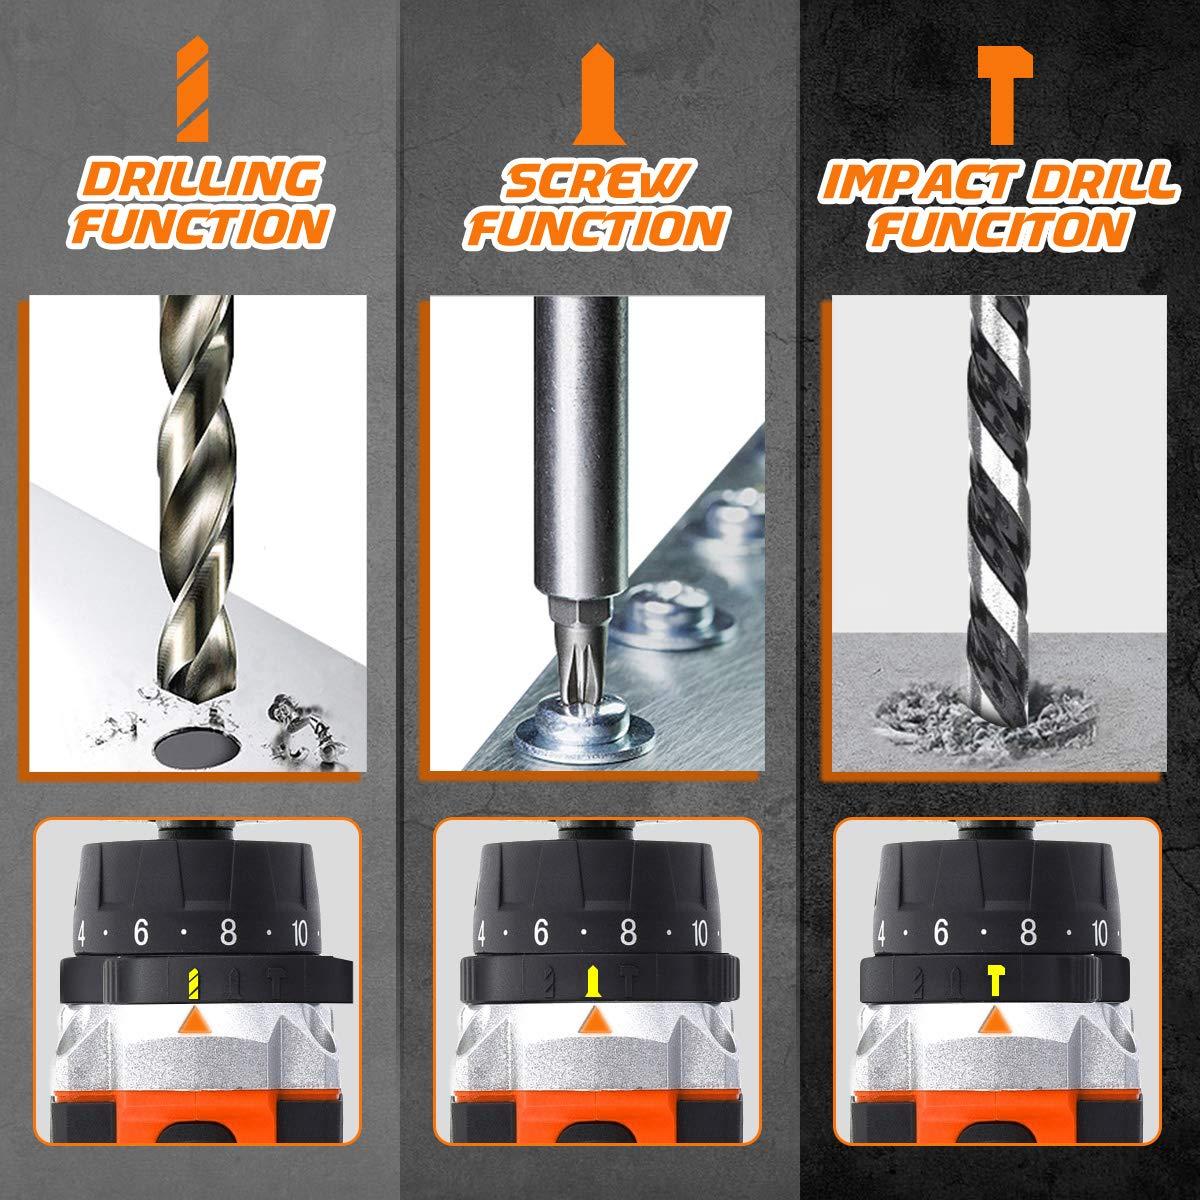 Bielle 6 Forets Ordinaires Arbre Flexible Sac Transport Perceuse /Électrique san Fil NASUM Kit dOutils 23pcs 4 M/èches de Ciment 6 Embouts Chargeur de Si/ège Rapide Incluant 2 Piles au Lithium